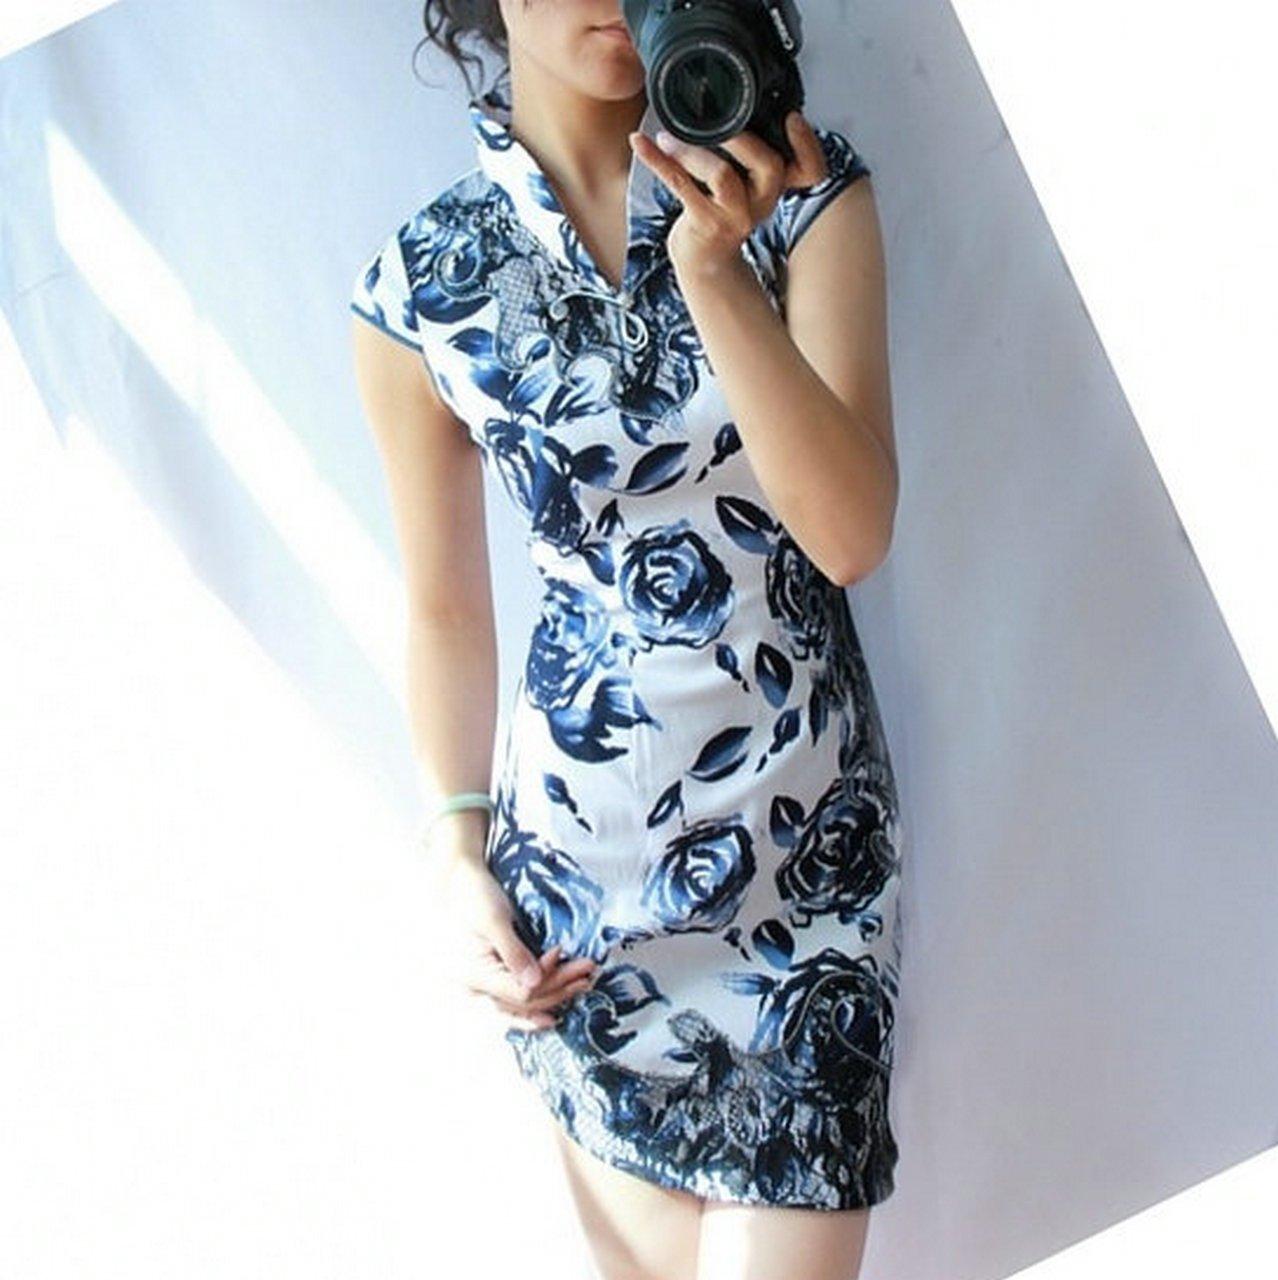 Платье Ципао Восток благородное платье чернил серии синего и белого фарфора